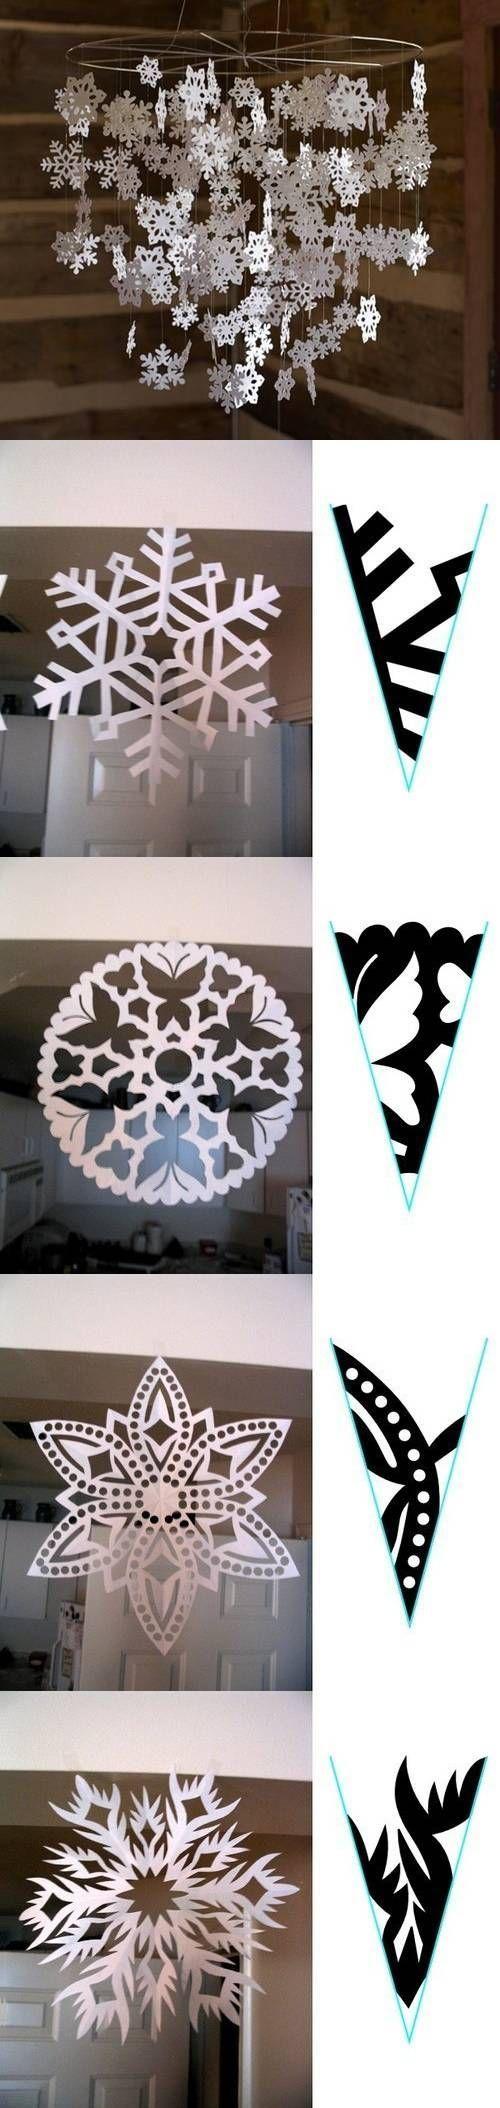 DIY Snowflake Paper Pattern DIY Projects / UsefulDIY.com